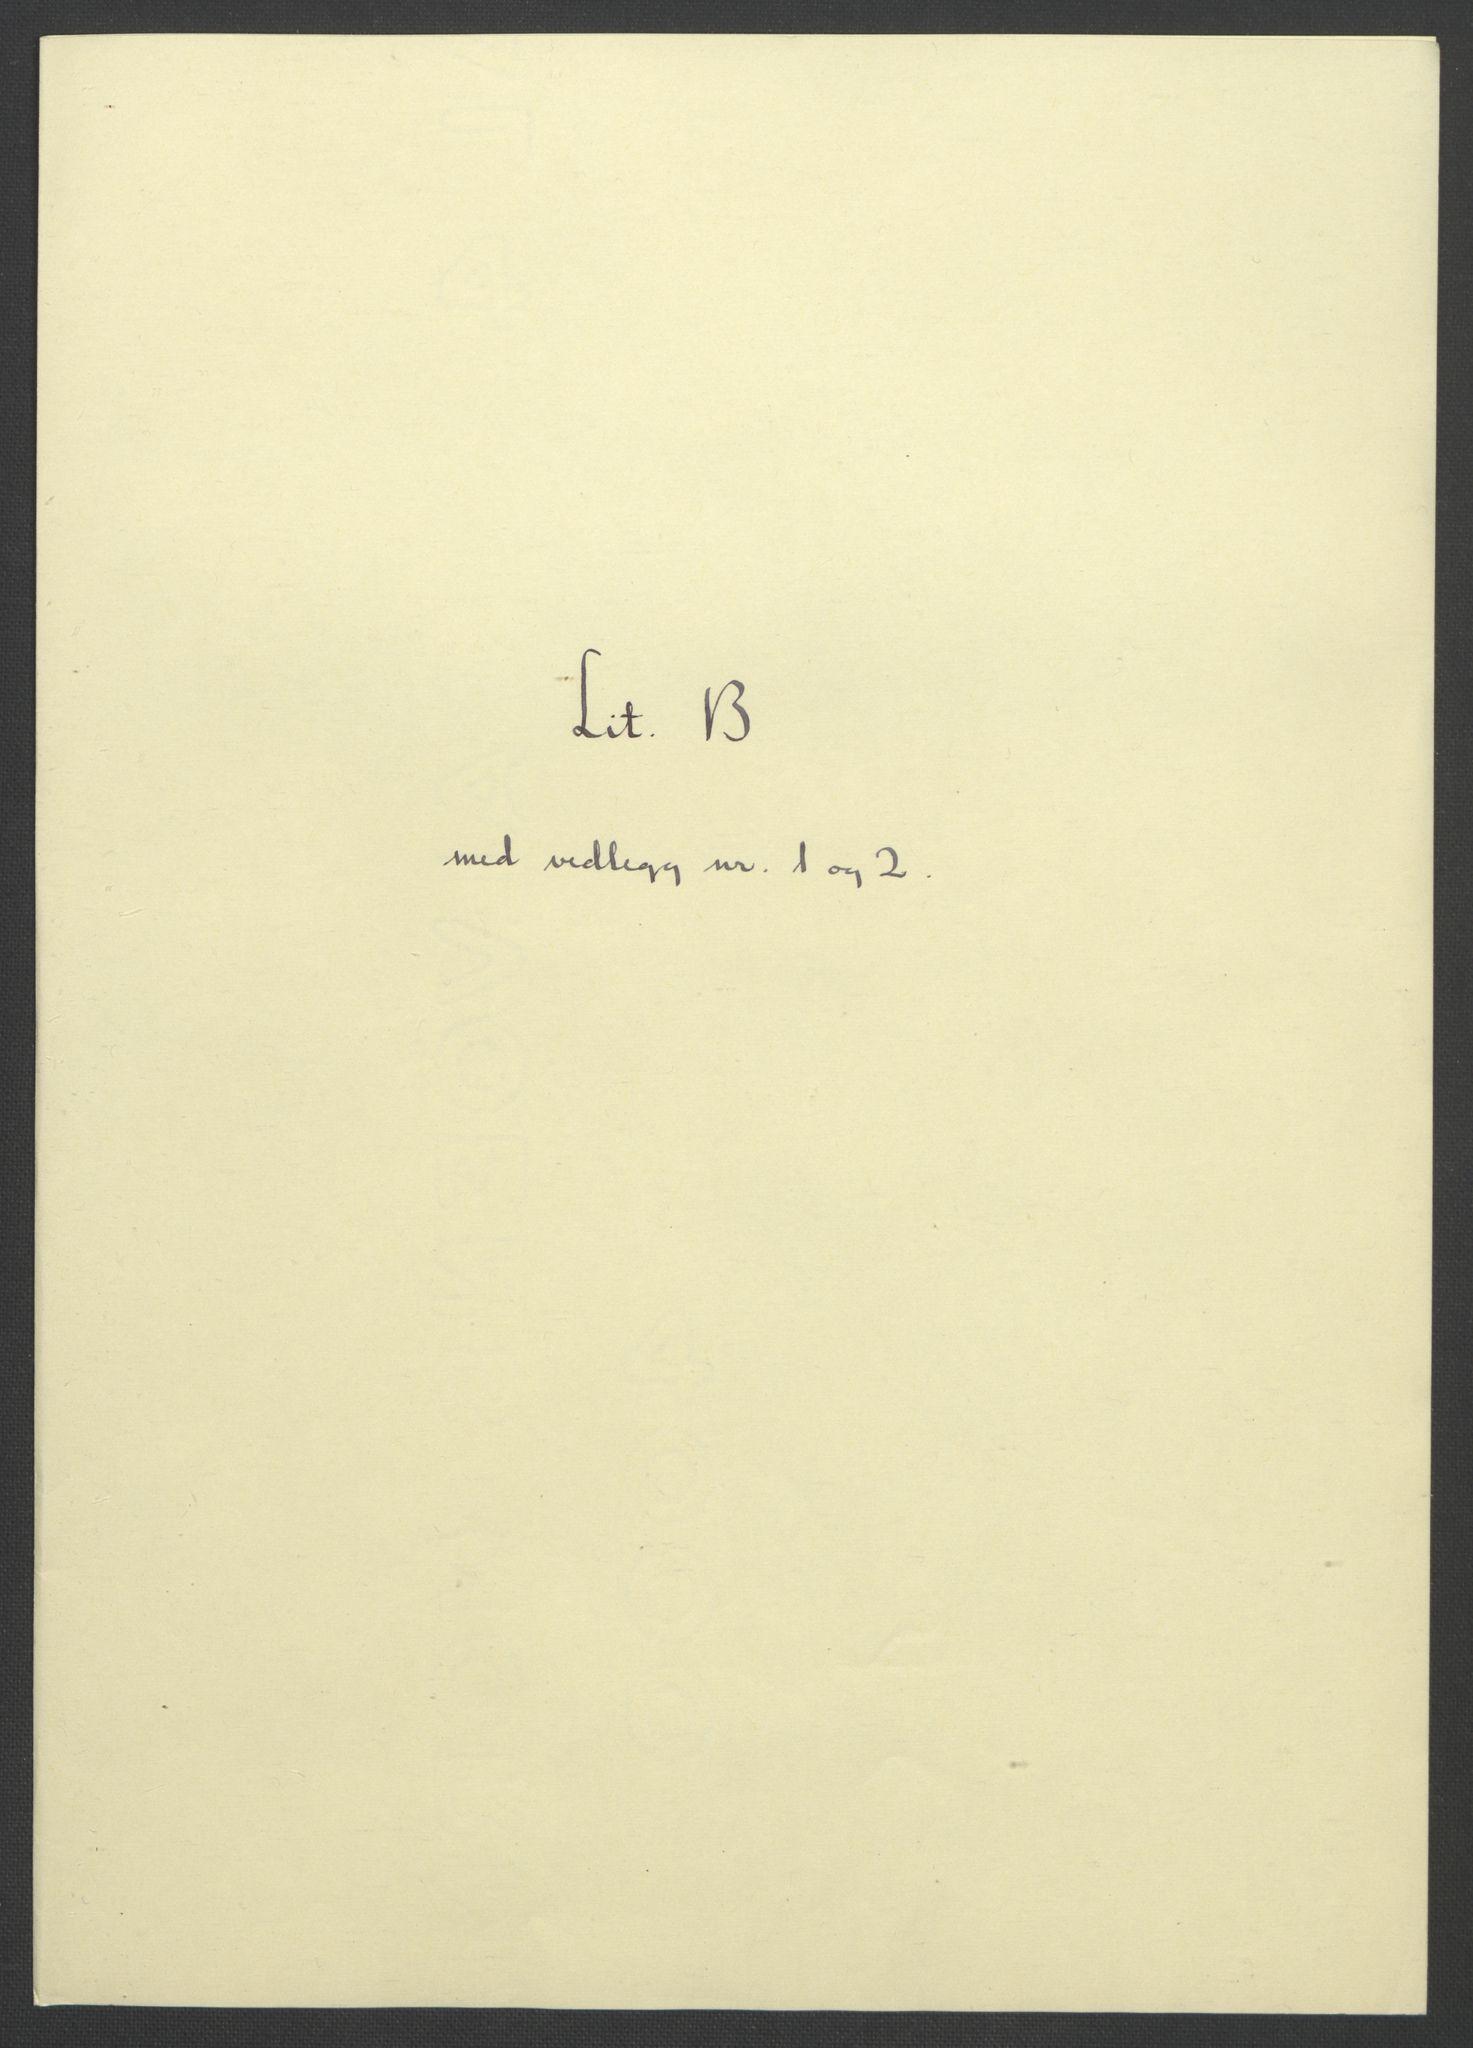 RA, Rentekammeret inntil 1814, Reviderte regnskaper, Fogderegnskap, R53/L3422: Fogderegnskap Sunn- og Nordfjord, 1695-1696, s. 61